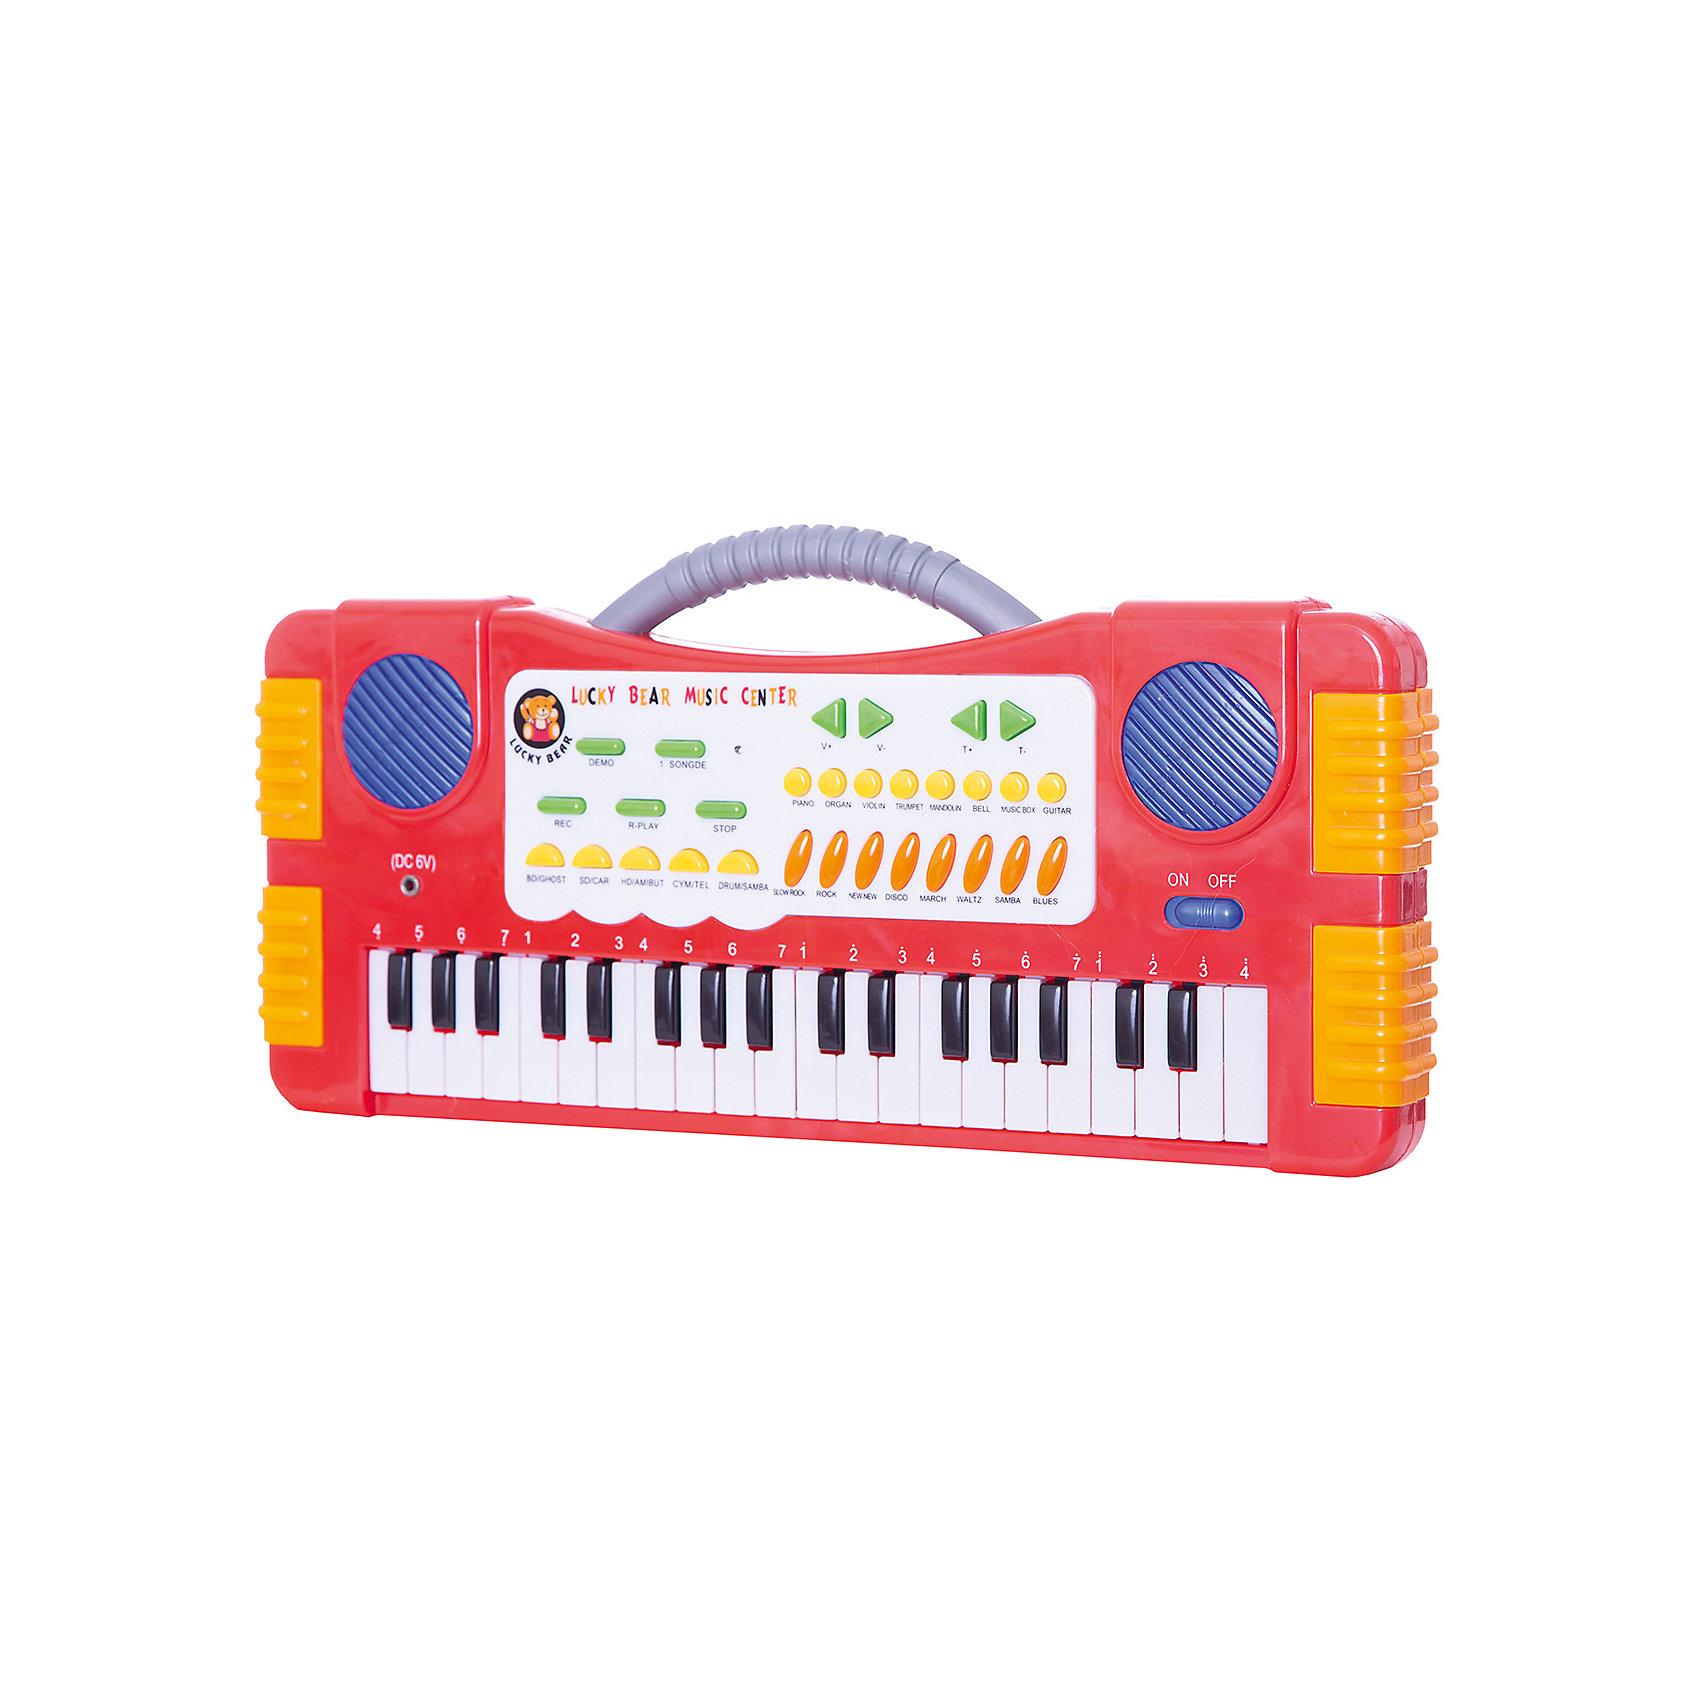 Синтезатор детский, 37 клавиш,  DoReMiСинтезатор, DoReMi станет замечательным подарком для Вашего ребенка и привлечет его к занятиям музыкой. Игрушку можно использовать как пианино с 37 клавишами, удобными для детских пальчиков и как синтезатор. Синтезатор обладает множеством функций которые позволяют создавать свои собственные композиции, экспериментируя с звуком и меняя тон и темп. На панели имеются кнопки с 8 звуками музыкальных инструментов, 4 звуками электронной барабанной установки, 8 темпами ритма, а также с 5<br>записанными песнями.<br><br>Уровень громкости регулируется, а с помощью функции записи ребенок сможет сохранить созданные им композиции и воспроизвести их после. Работает от 4 батареек типа АА (не входят в комплект) или DC6V адаптера (входит в комплект). Игрушка развивает у ребенка чувство ритма, двигательную активность рук и музыкальный слух.<br><br>Дополнительная информация:<br><br>- Материал: пластик.<br>- Требуются батарейки: 4 х АА (не входят в комплект).<br>- Размер: 46 x 22 x 4,5 см.<br>- Вес: 0,958 кг.<br><br>Синтезатор, DoReMi можно купить в нашем интернет-магазине.<br><br>Ширина мм: 460<br>Глубина мм: 220<br>Высота мм: 45<br>Вес г: 970<br>Возраст от месяцев: 60<br>Возраст до месяцев: 84<br>Пол: Унисекс<br>Возраст: Детский<br>SKU: 3813014